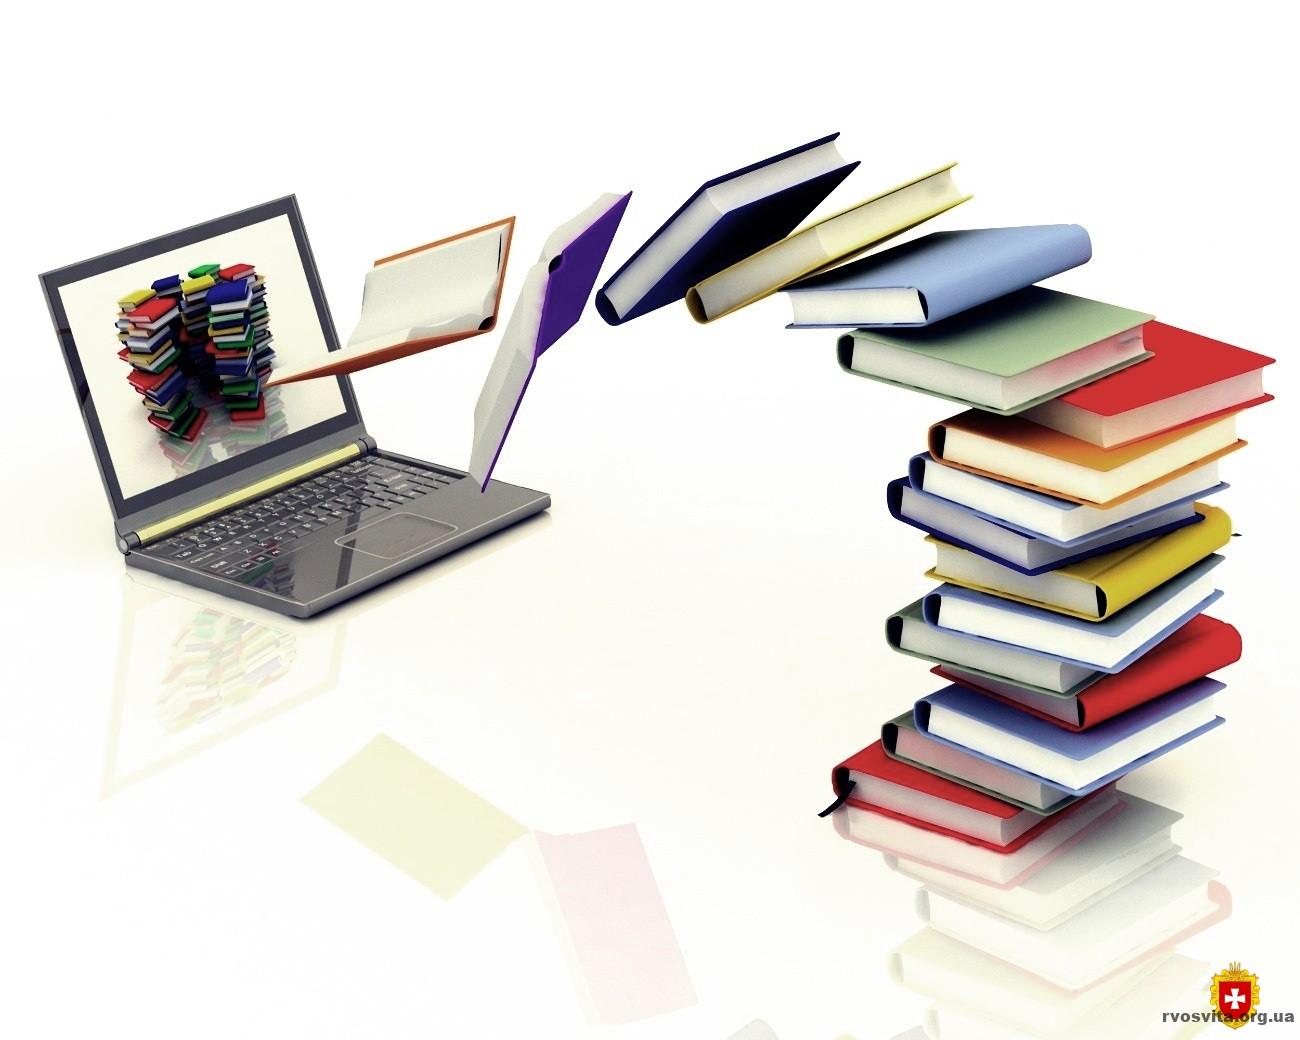 Міністерство освіти і науки України опублікувало перелік джерел для безкоштовного навчання